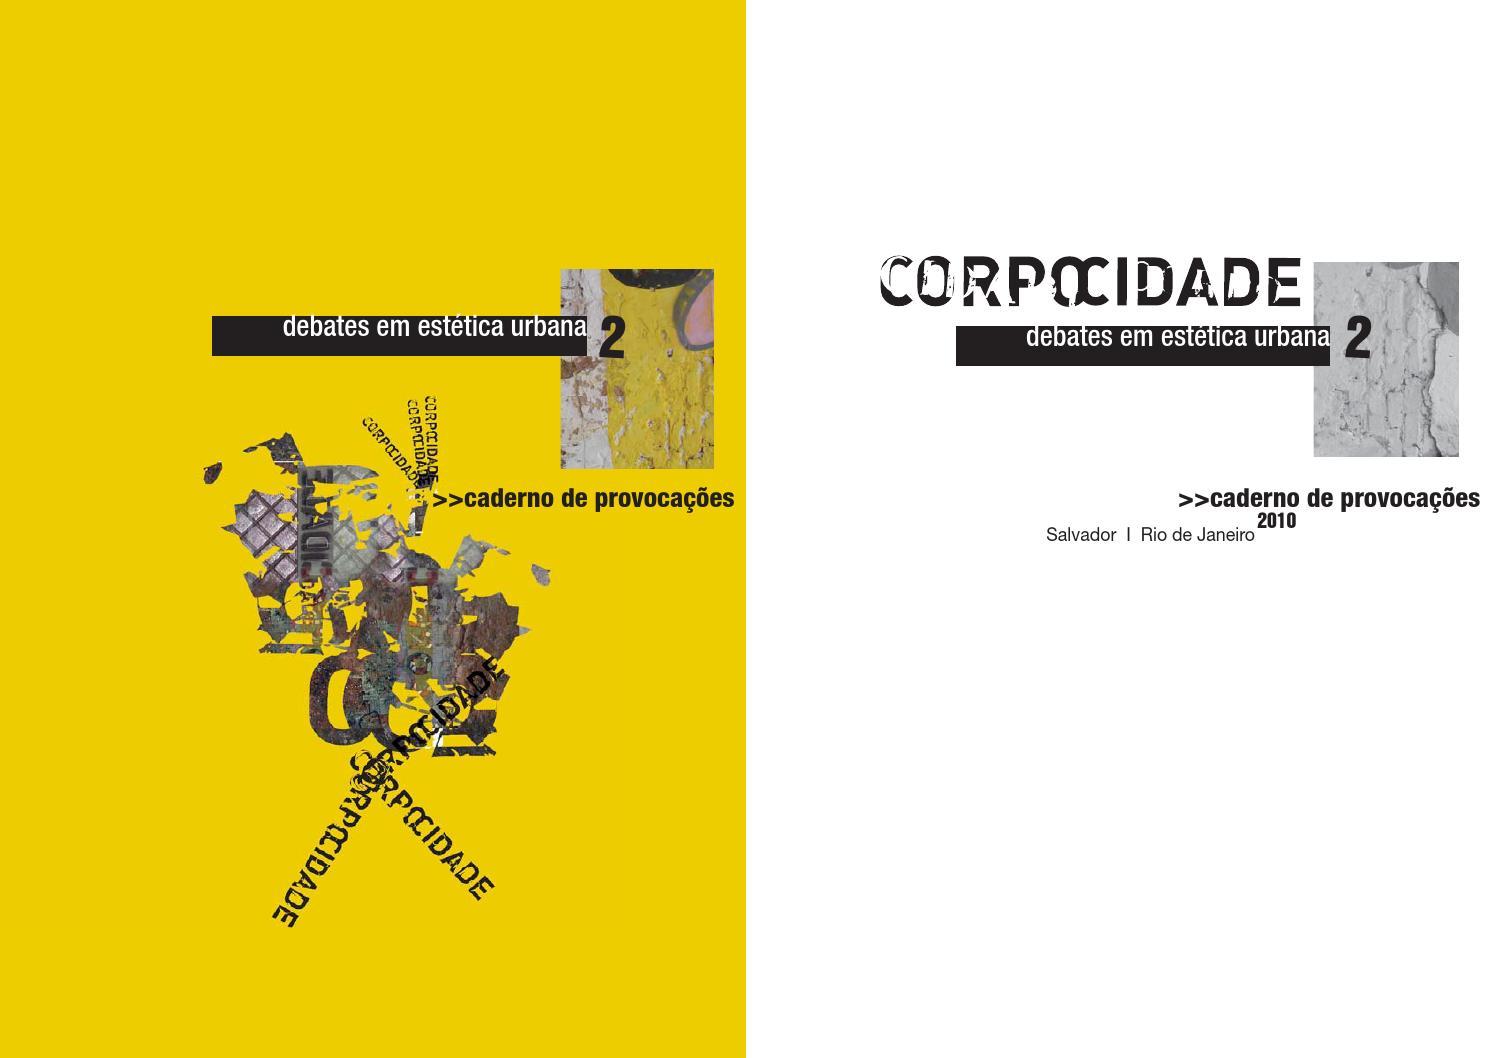 Caderno De Provocacoes